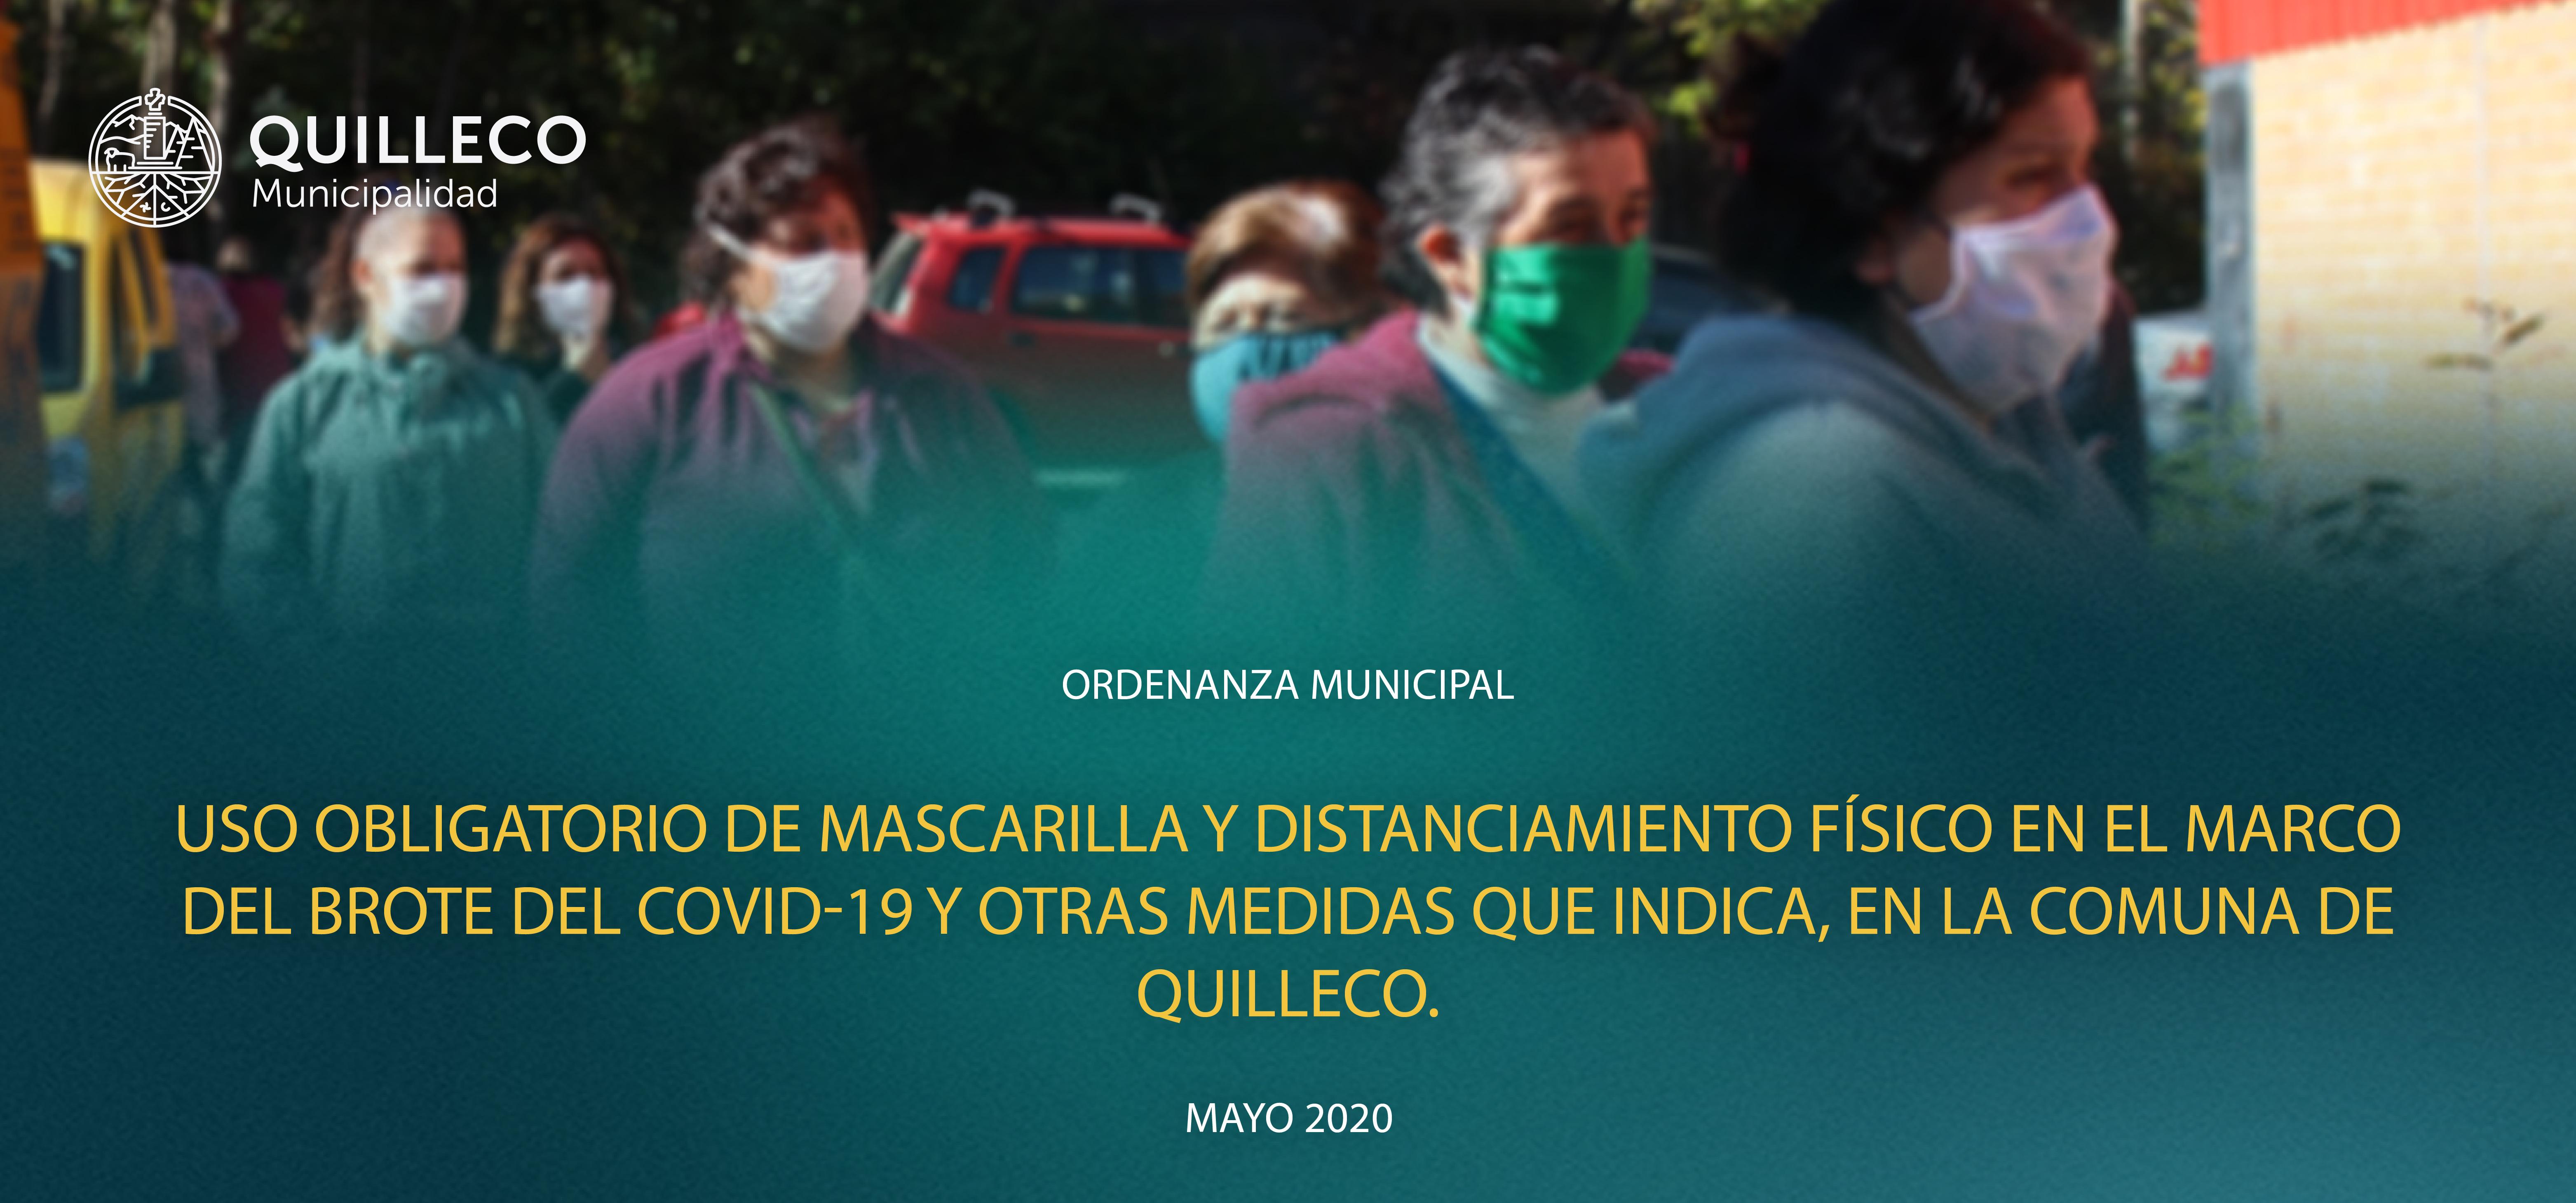 ORDENANZA MUNICIPAL – USO OBLIGATORIO DE MASCARILLA Y DISTANCIAMIENTO FÍSICO EN EL MARCO DEL BROTE DEL COVID-19 EN LA COMUNA DE QUILLECO.